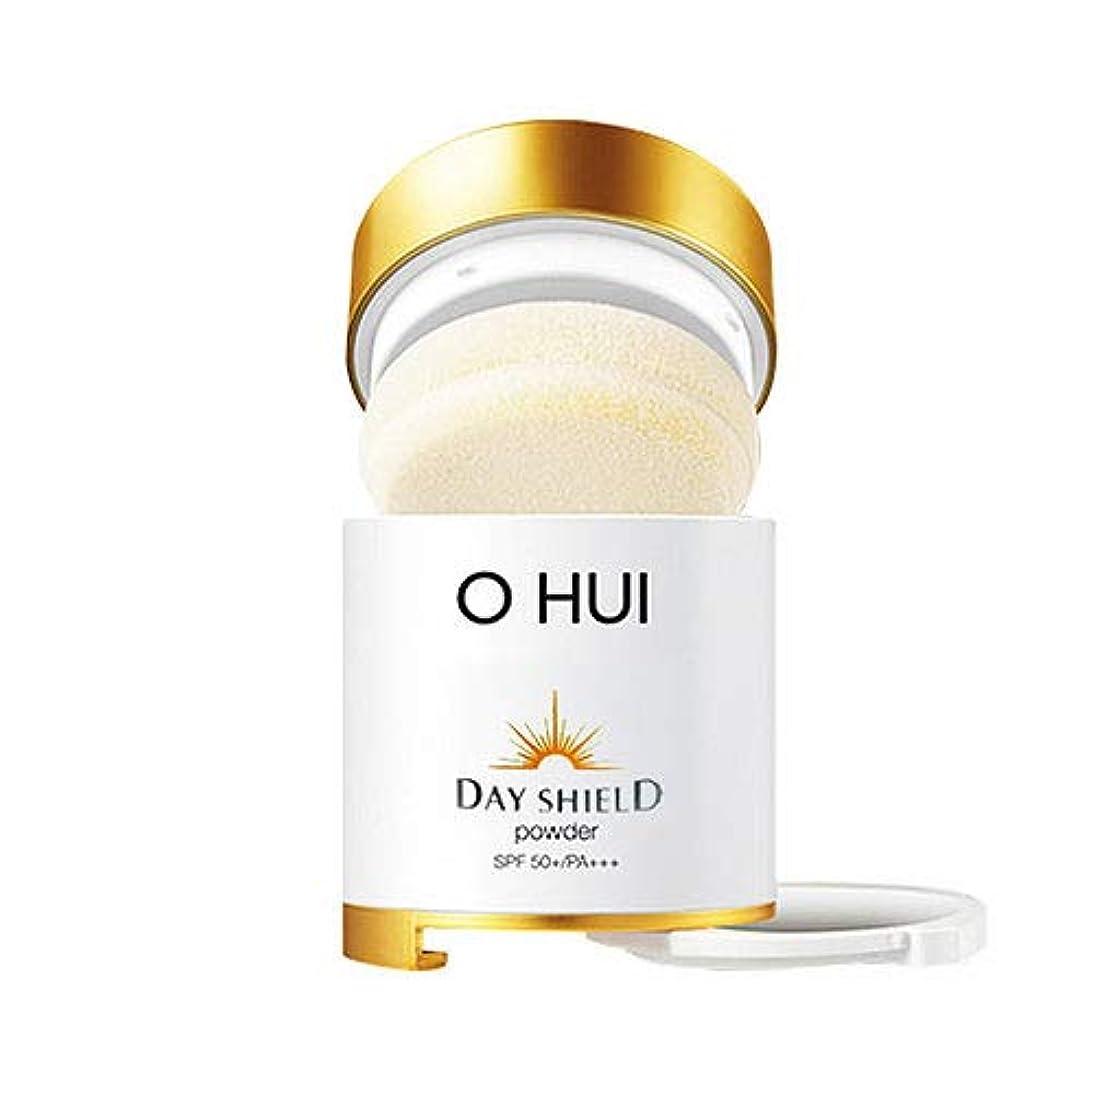 確執マーカー文字通りオフィ デイシールドサンパウダー 20g OHUI Day Shield Sun Powder (# beige) [並行輸入品]